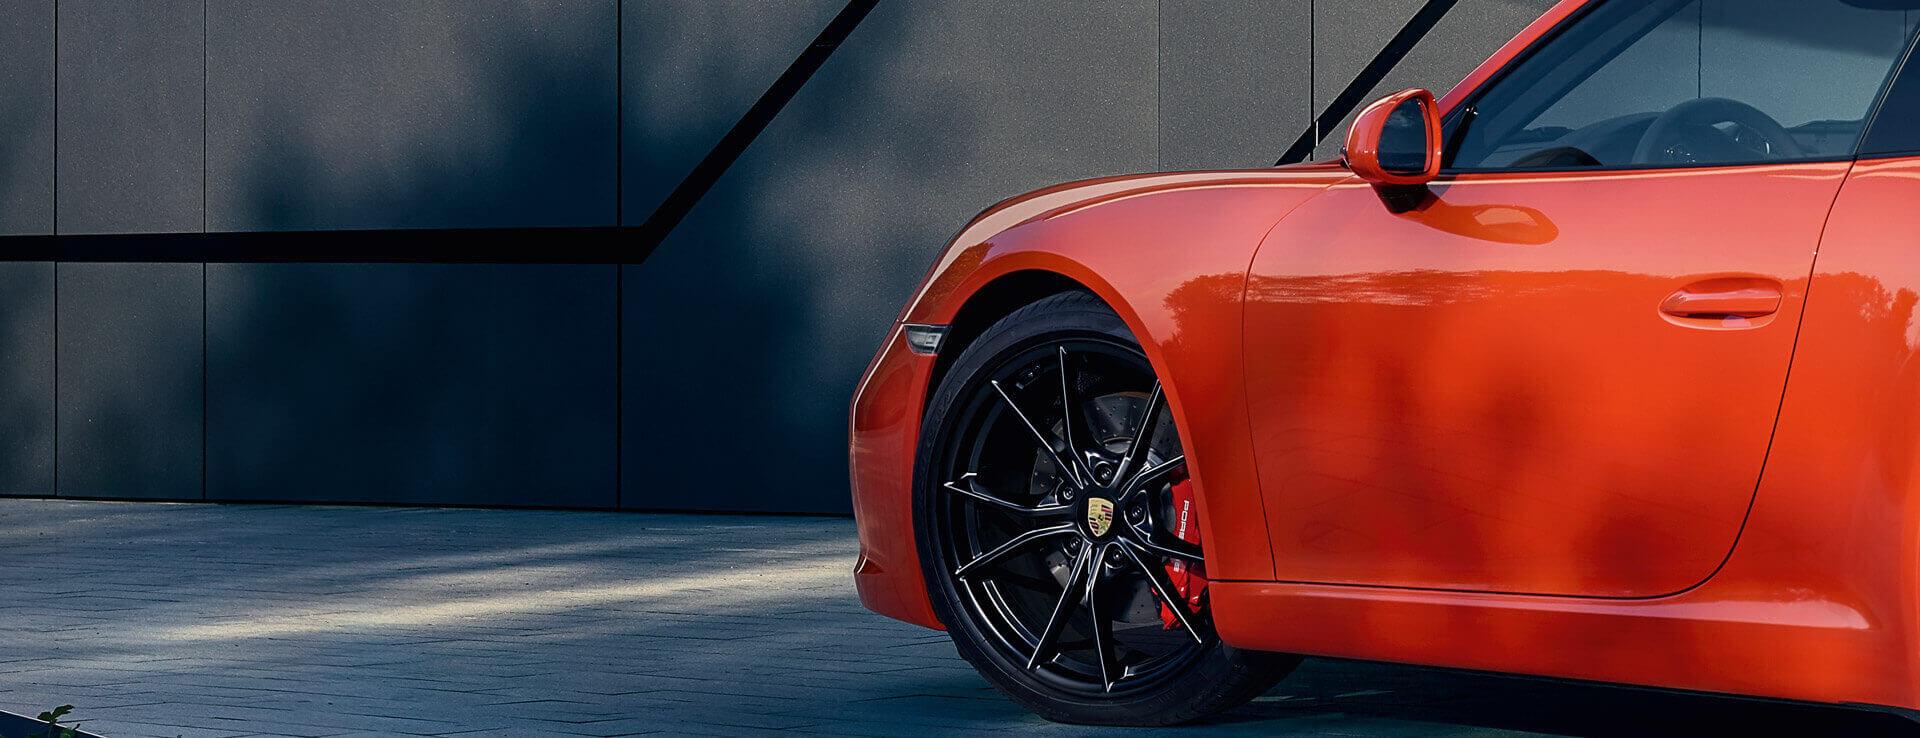 Porsche - Spersonalizowane doposażenie